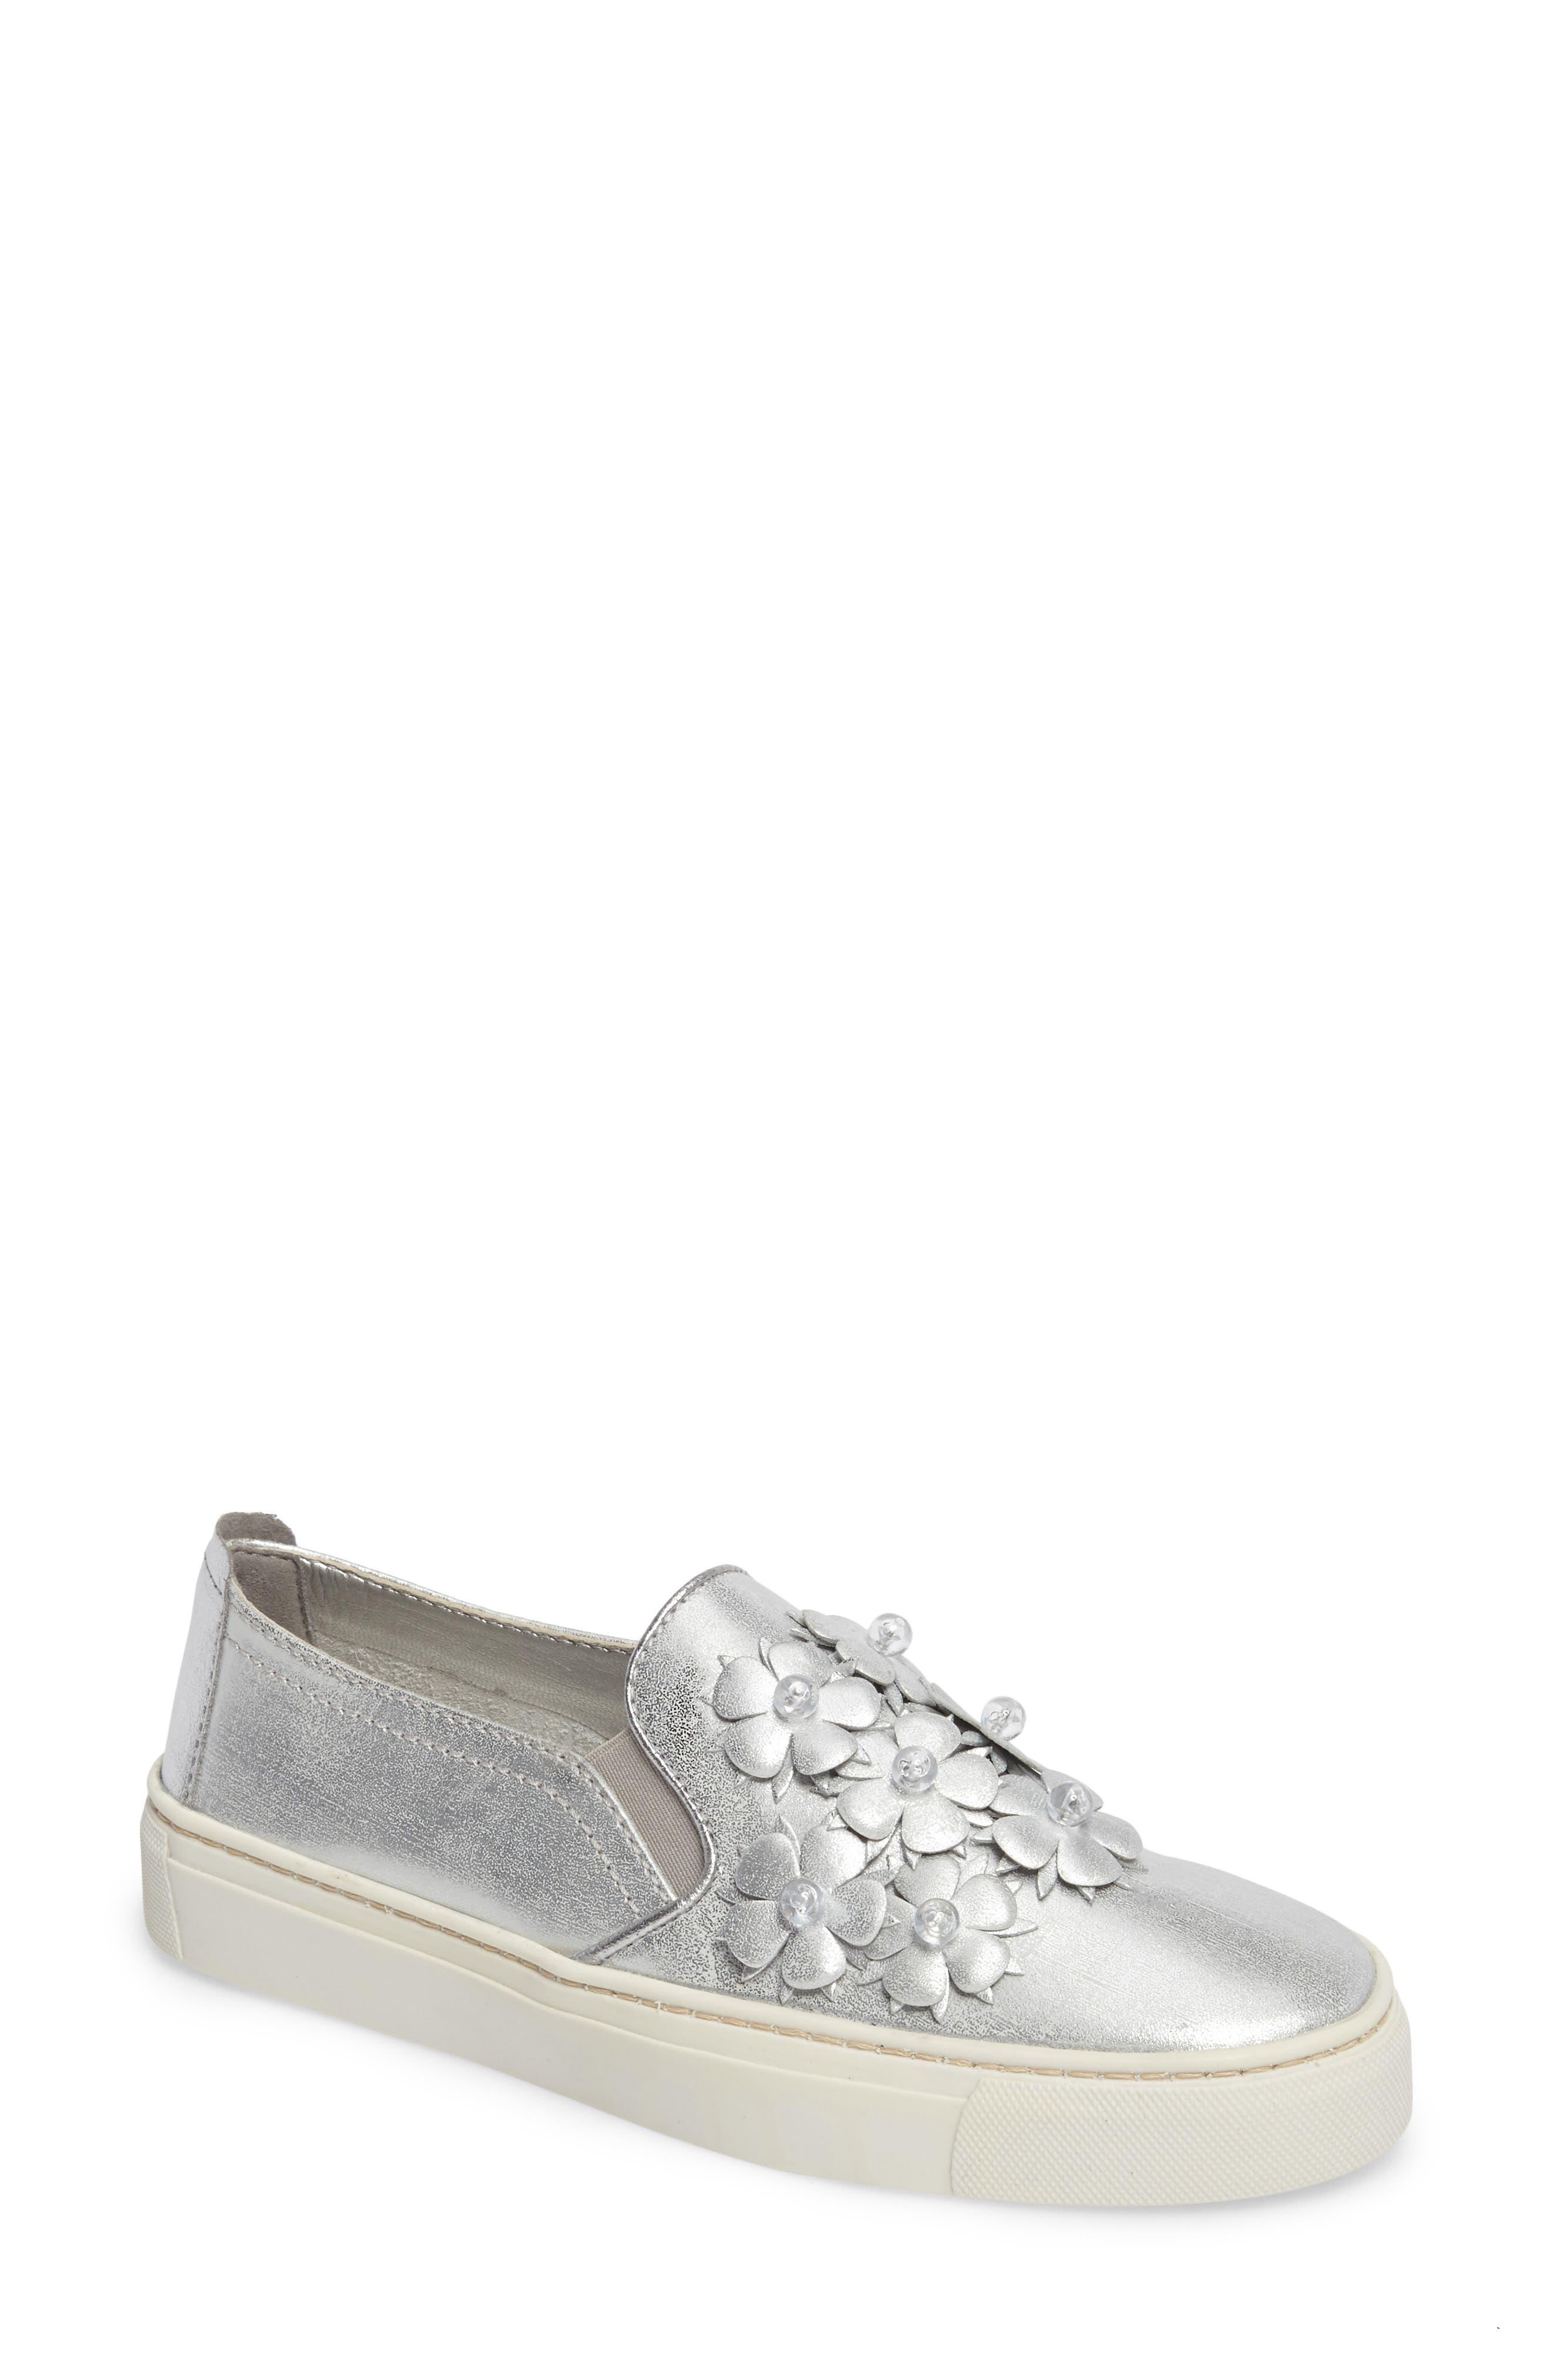 Sneak Blossom Slip-On Sneaker,                             Main thumbnail 1, color,                             020